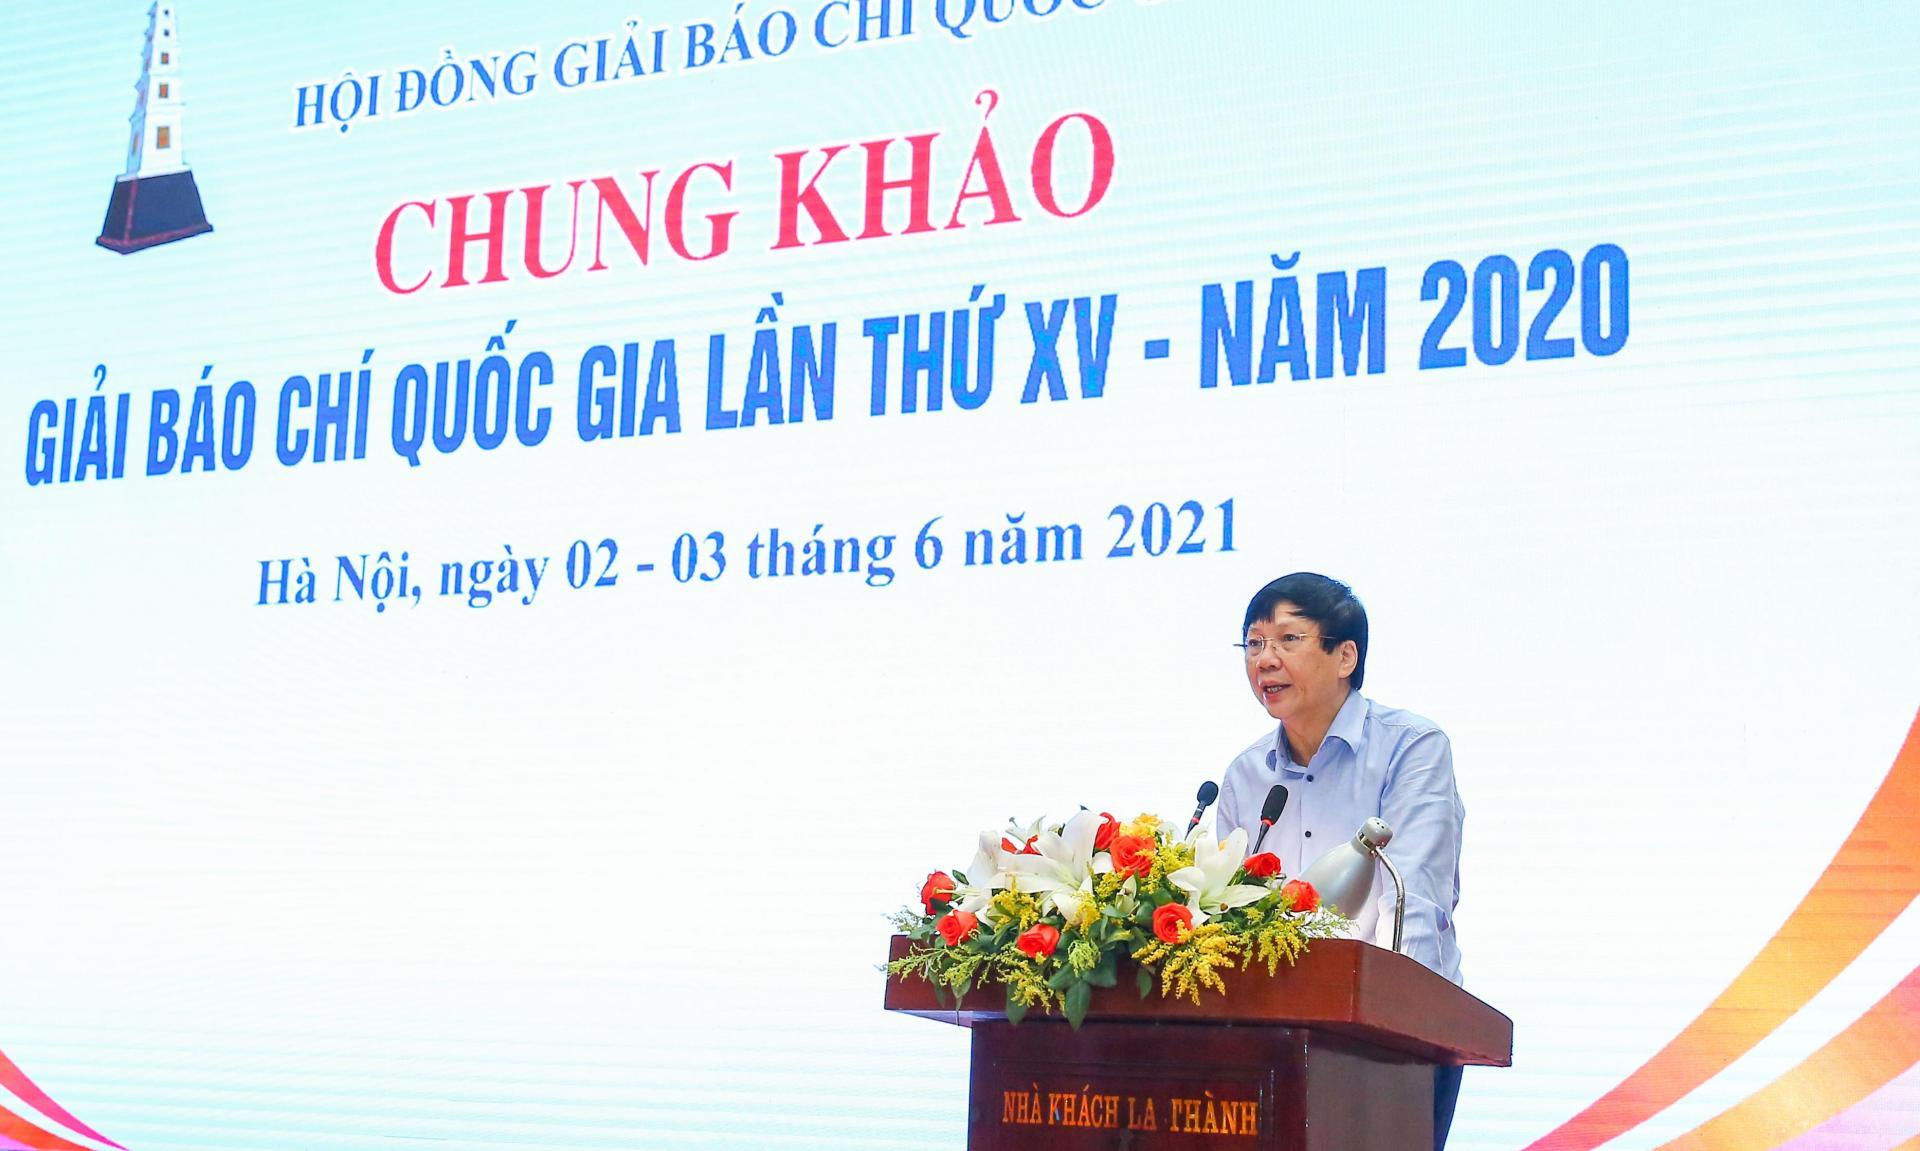 Phó Chủ tịch Thường trực Hội Nhà báo Việt Nam Hồ Quang Lợi - Phó Chủ tịch Thường trực Hội đồng thông qua thể thức bỏ phiếu.